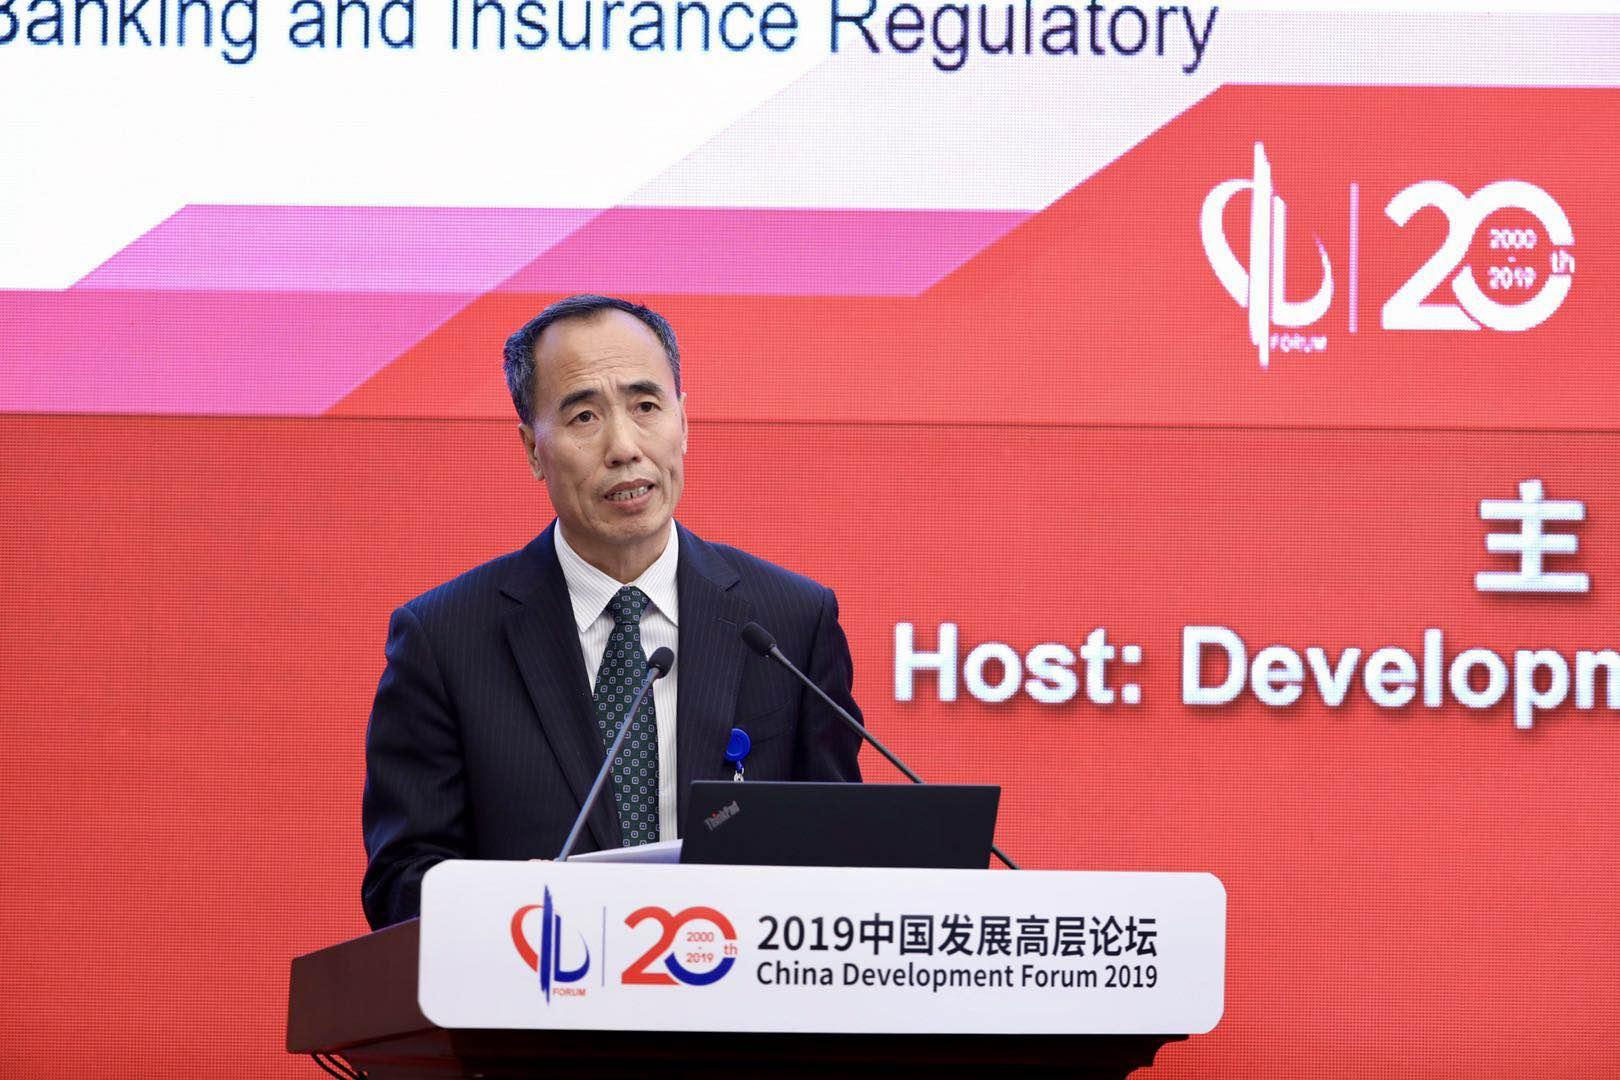 王兆星:正在研究推进新一轮金融业开放 包括四大方面